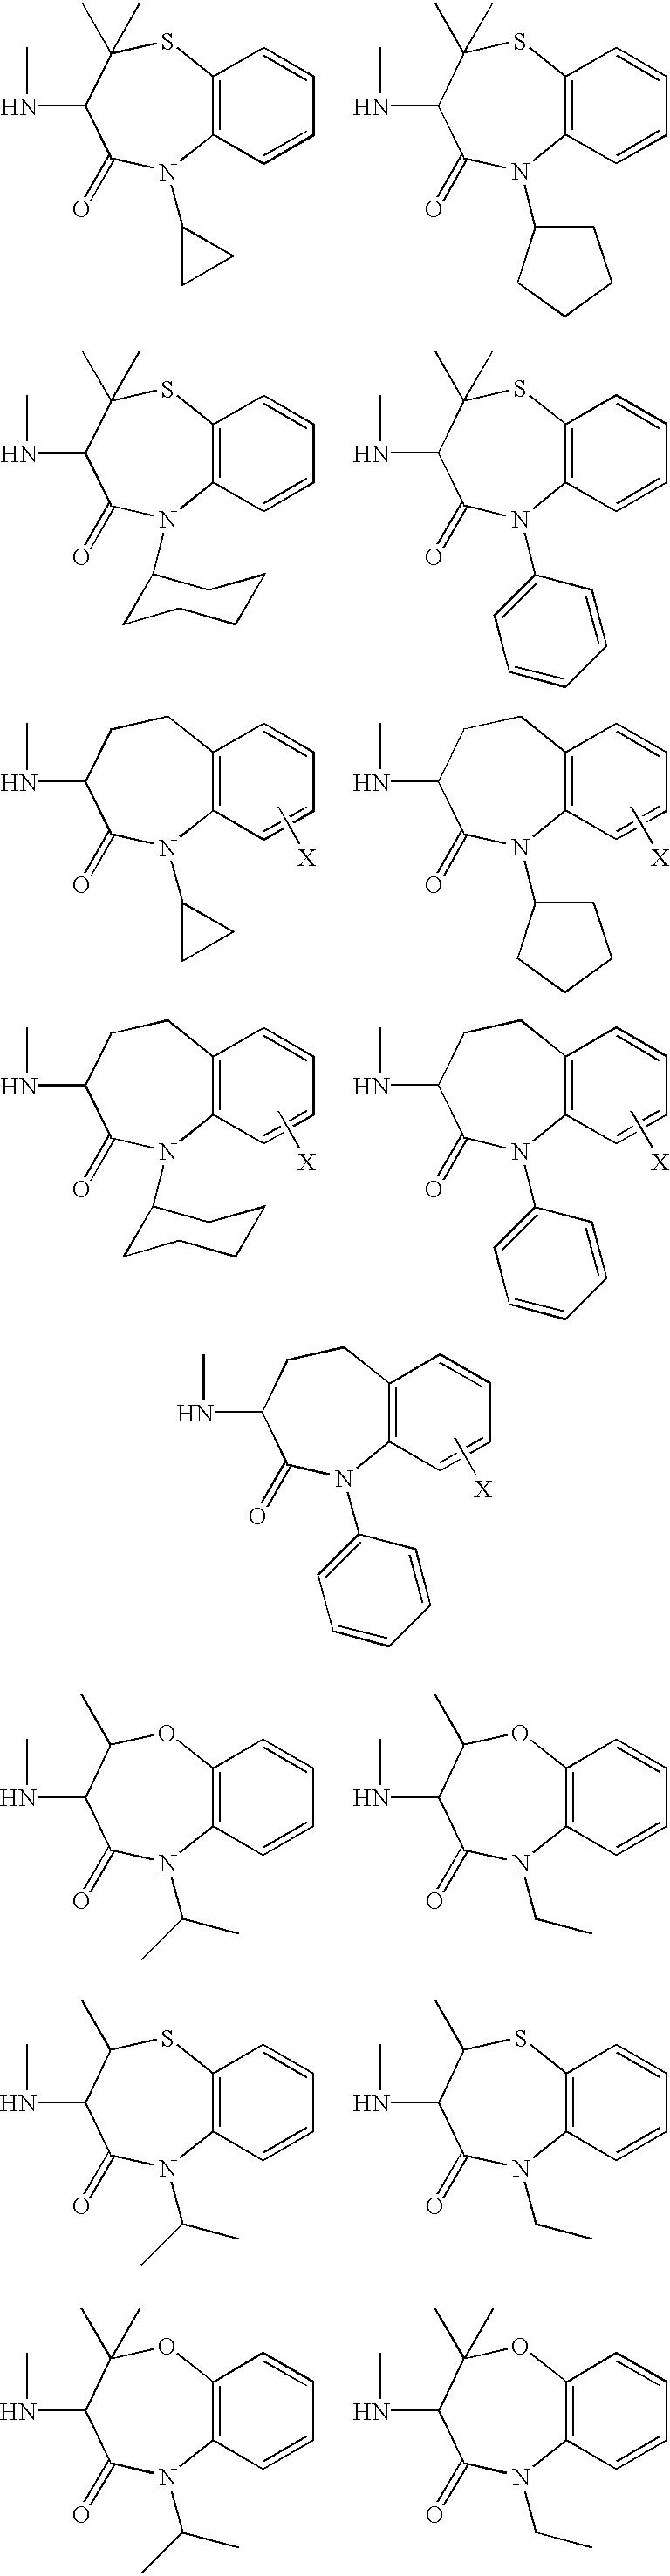 Figure US06509331-20030121-C00043